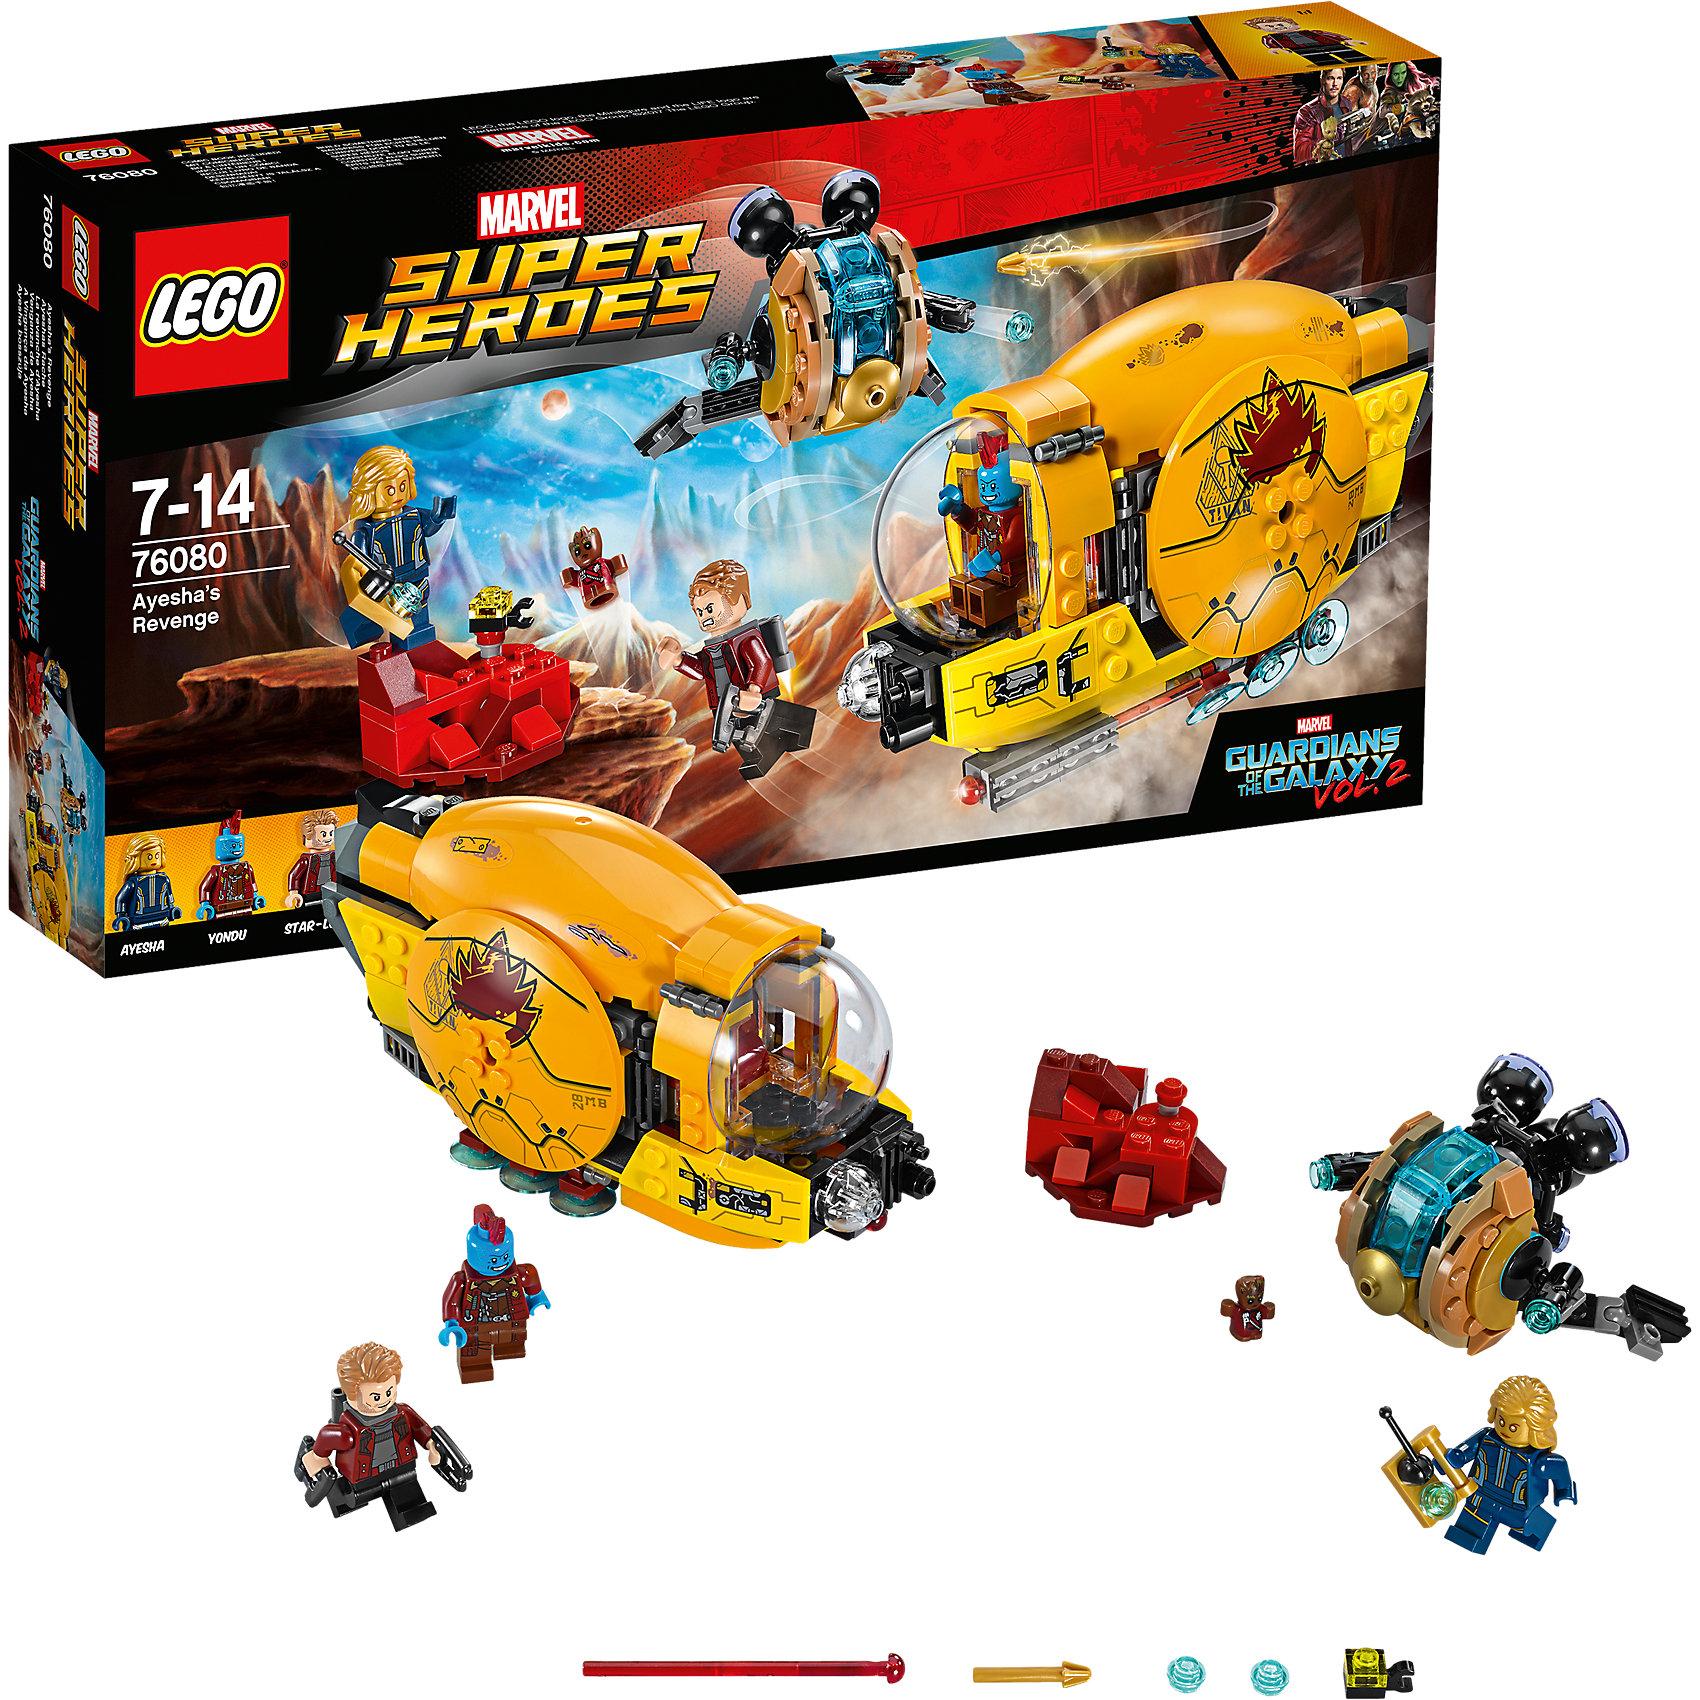 LEGO Super Heroes 76080: Месть АишиLEGO Super Heroes 76080: Месть Аиши<br><br>Характеристики:<br><br>- в набор входит: детали 2 кораблей и декораций, 4 минифигурки, аксессуары, книга комиксов, красочная инструкция по сборке<br>- минифигурки набора: Звёздный Лорд, малыш Грут, Йонду, Аиша<br>- состав: пластик<br>- количество деталей: 323<br>- размер упаковки: 35,5 * 6 * 19 см.<br>- для детей в возрасте: от 7 до 14 лет<br>- Страна производитель: Дания/Китай/Чехия<br><br>Легендарный конструктор LEGO (ЛЕГО) представляет серию «Marvel Super Heroes» (Супер герои Марвел) по сюжетам фильмов, мультфильмов и комиксов о супергероях. <br><br>Этот набор понравится любителям фильмов Marvel Стражи галактики. Минифигурки набора выглядят ярко, очень качественно проработаны, в их разработке были использованы уникальные детали не встречающиеся в других наборах. Звёздный Лорд представлен в новом более детализированном дизайне с новой прической, курткой, а также новым оружием и рюкзаком для полетов. Костюм Йонду нарисован как на его теле, так и на ногах, в набор входит его стрела. Малыш Грут представлен в маленьком размере и с его униформой. <br><br>Аиша представлена в золотом цвете, как и в комиксах, с пультом управления, рисунки костюма нанесены на тело и ноги минифигурки. Ее космический корабль выполнен в соответствии с фильмом Стражи галактики 2 и оснащен двумя мощными двигателями-турбинами, фронтальными пушками, стреляющими с помощью механизма. Большой корабль Йонду выглядит внушительно, кабина корабля открывается, внизу расположена пружинная ракета, боковые панели разворачиваются. Помоги героям выиграть эту битву со злом на необычной планете! <br><br>Играя с конструктором ребенок развивает моторику рук, воображение и логическое мышление, научится собирать по инструкции и создавать свои модели. Придумывайте новые истории любимых героев с набором LEGO «Marvel Super Heroes»!<br><br>Конструктор LEGO Super Heroes 76080: Месть Аиши можно купить в нашем интернет-магазине.<br><br>Ширина мм